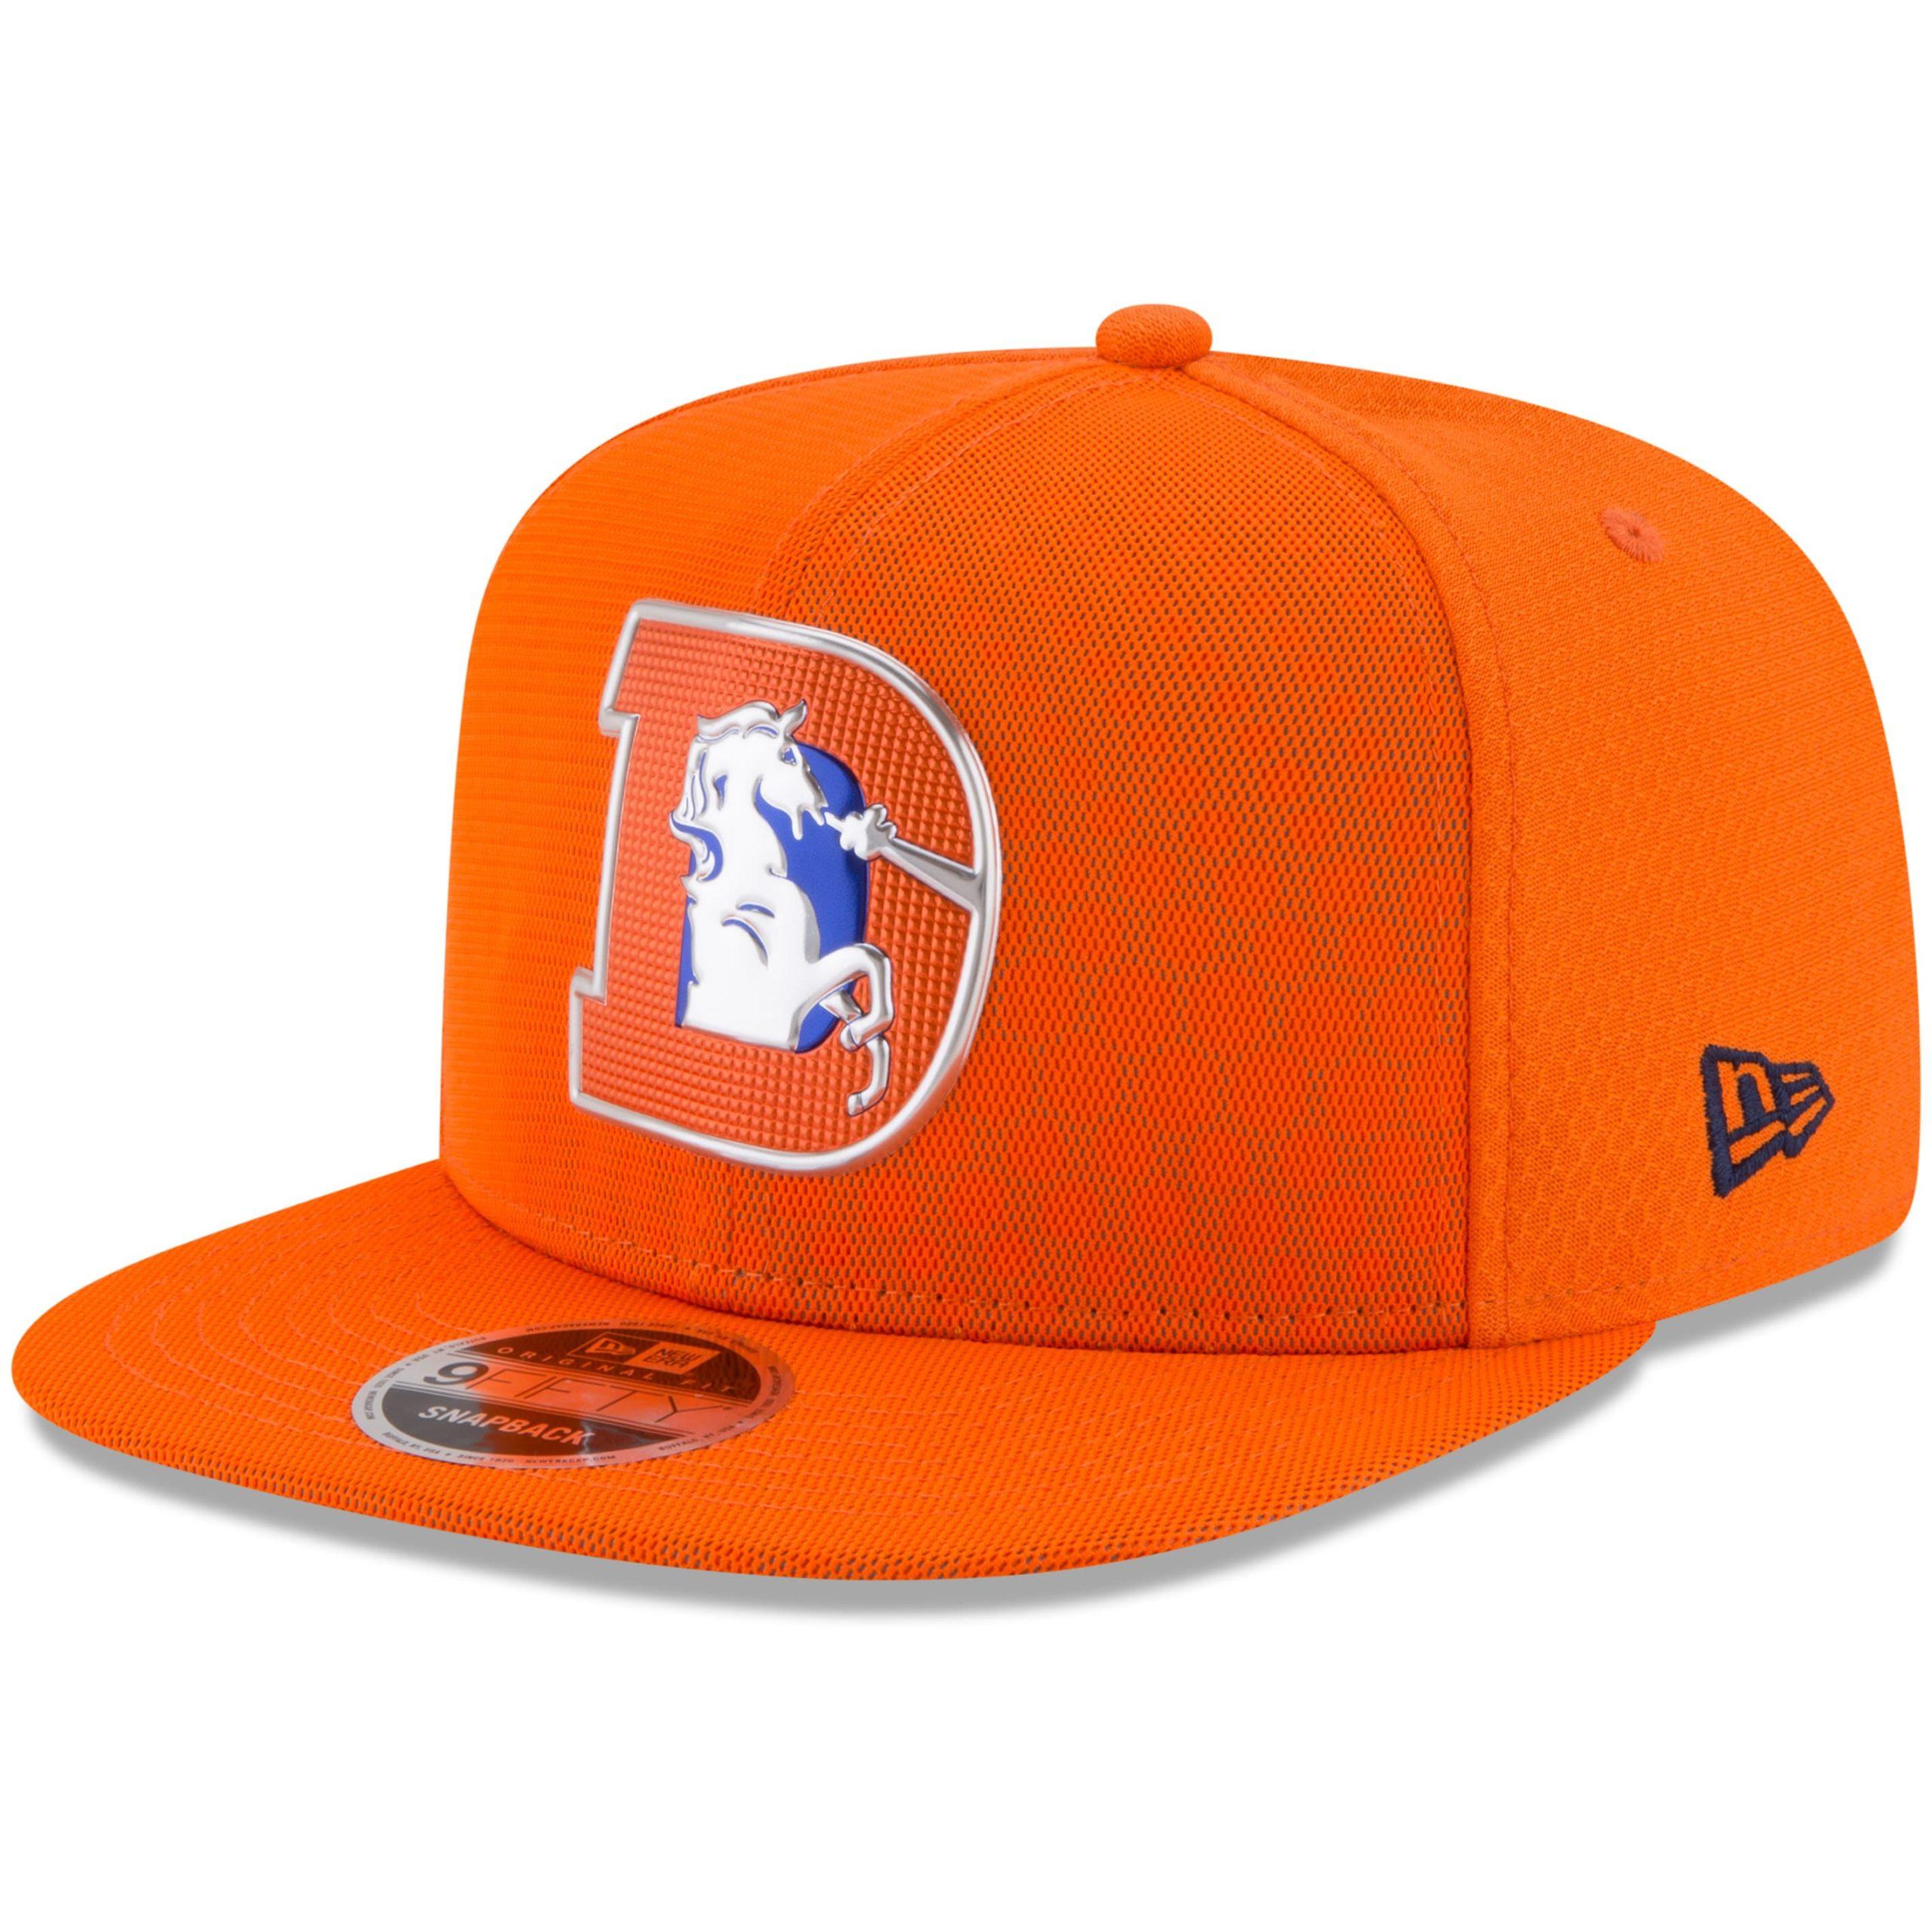 Denver Broncos New Era Youth 2017 Color Rush 9FIFTY Snapback Adjustable Hat - Orange